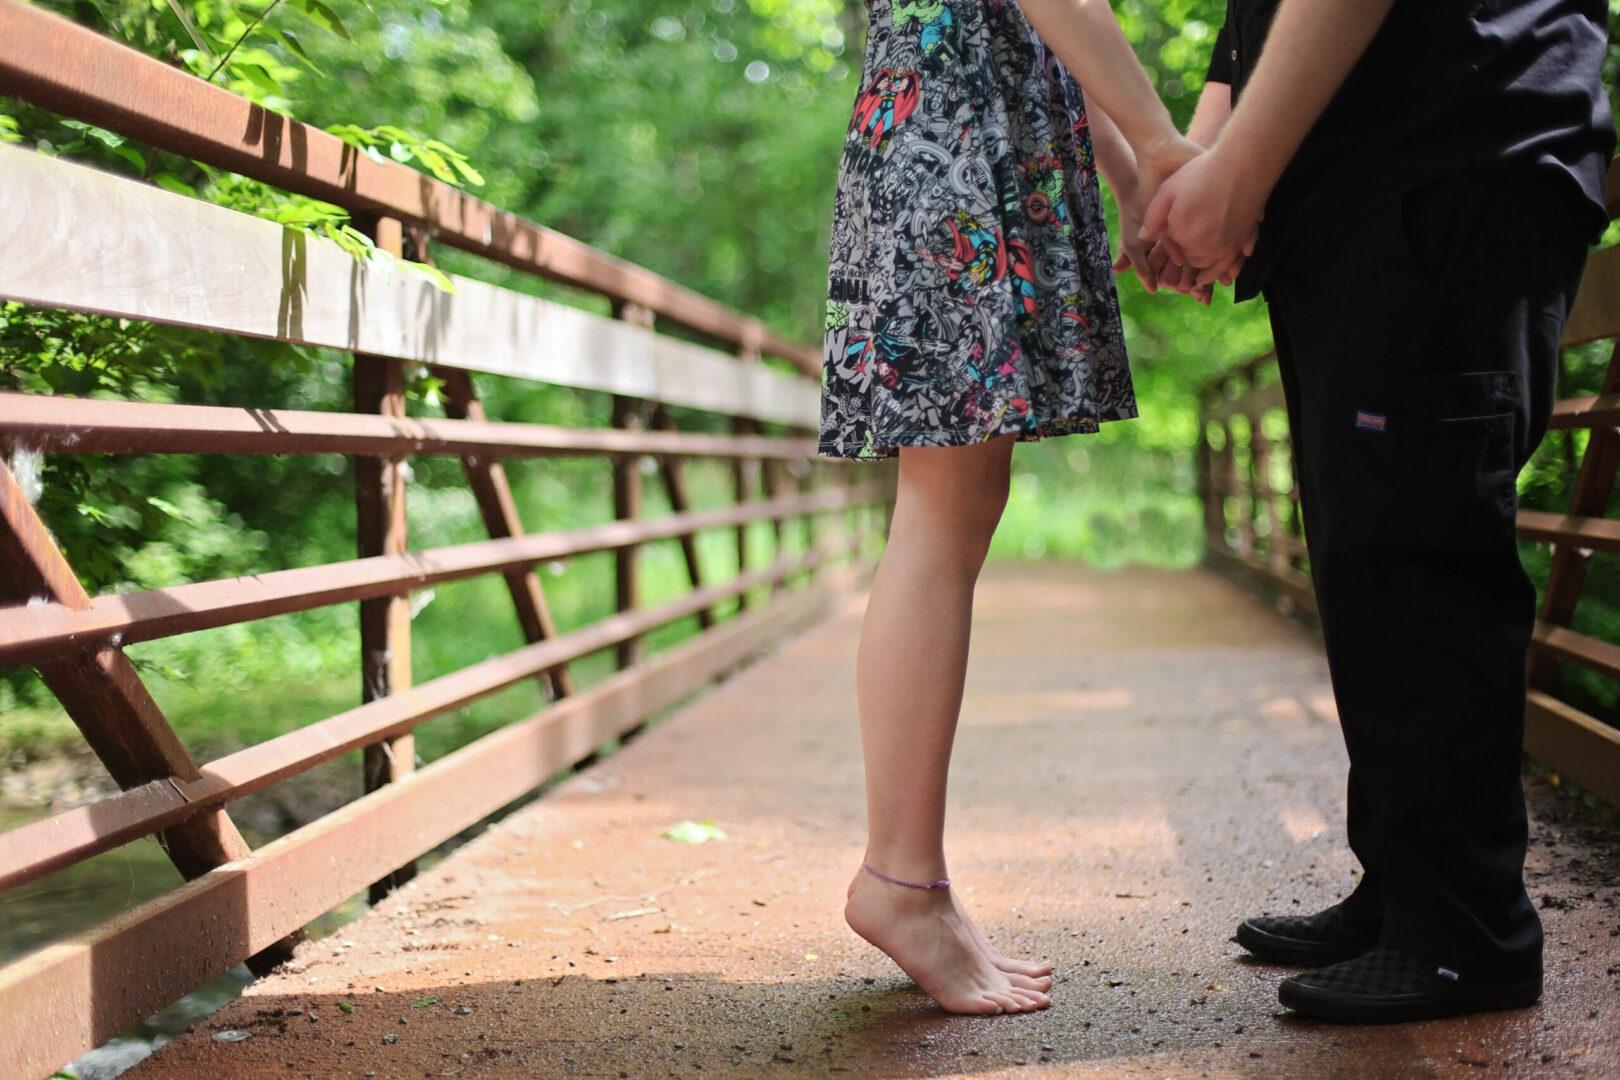 Έρωτας και ασφαλιστικές δικλείδες!